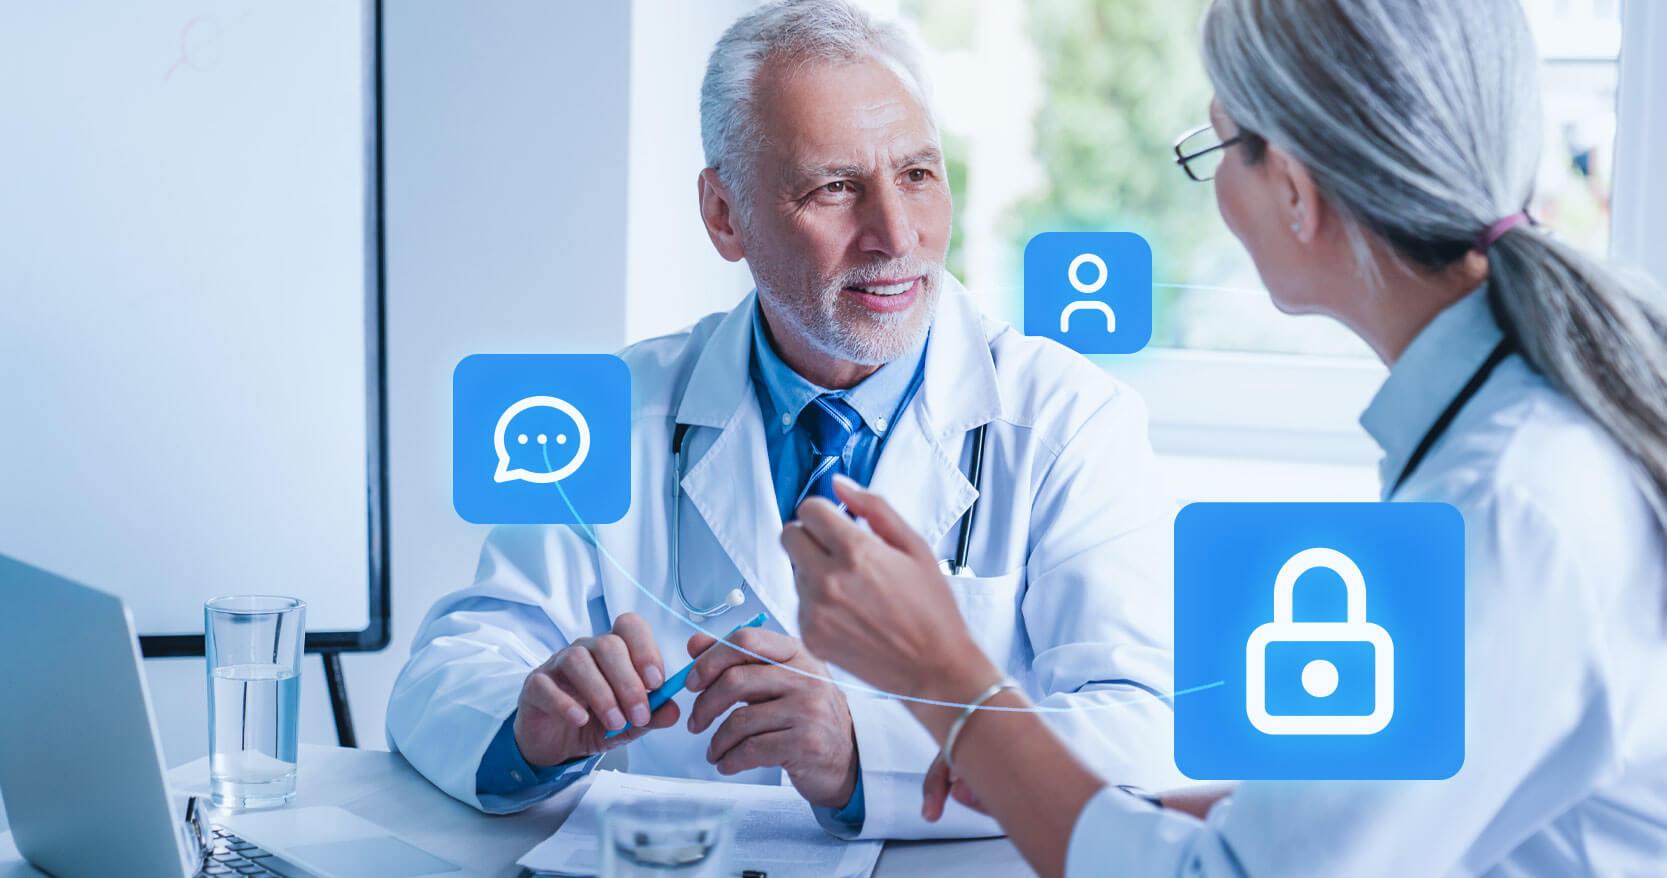 segurança dos dados dos pacientes